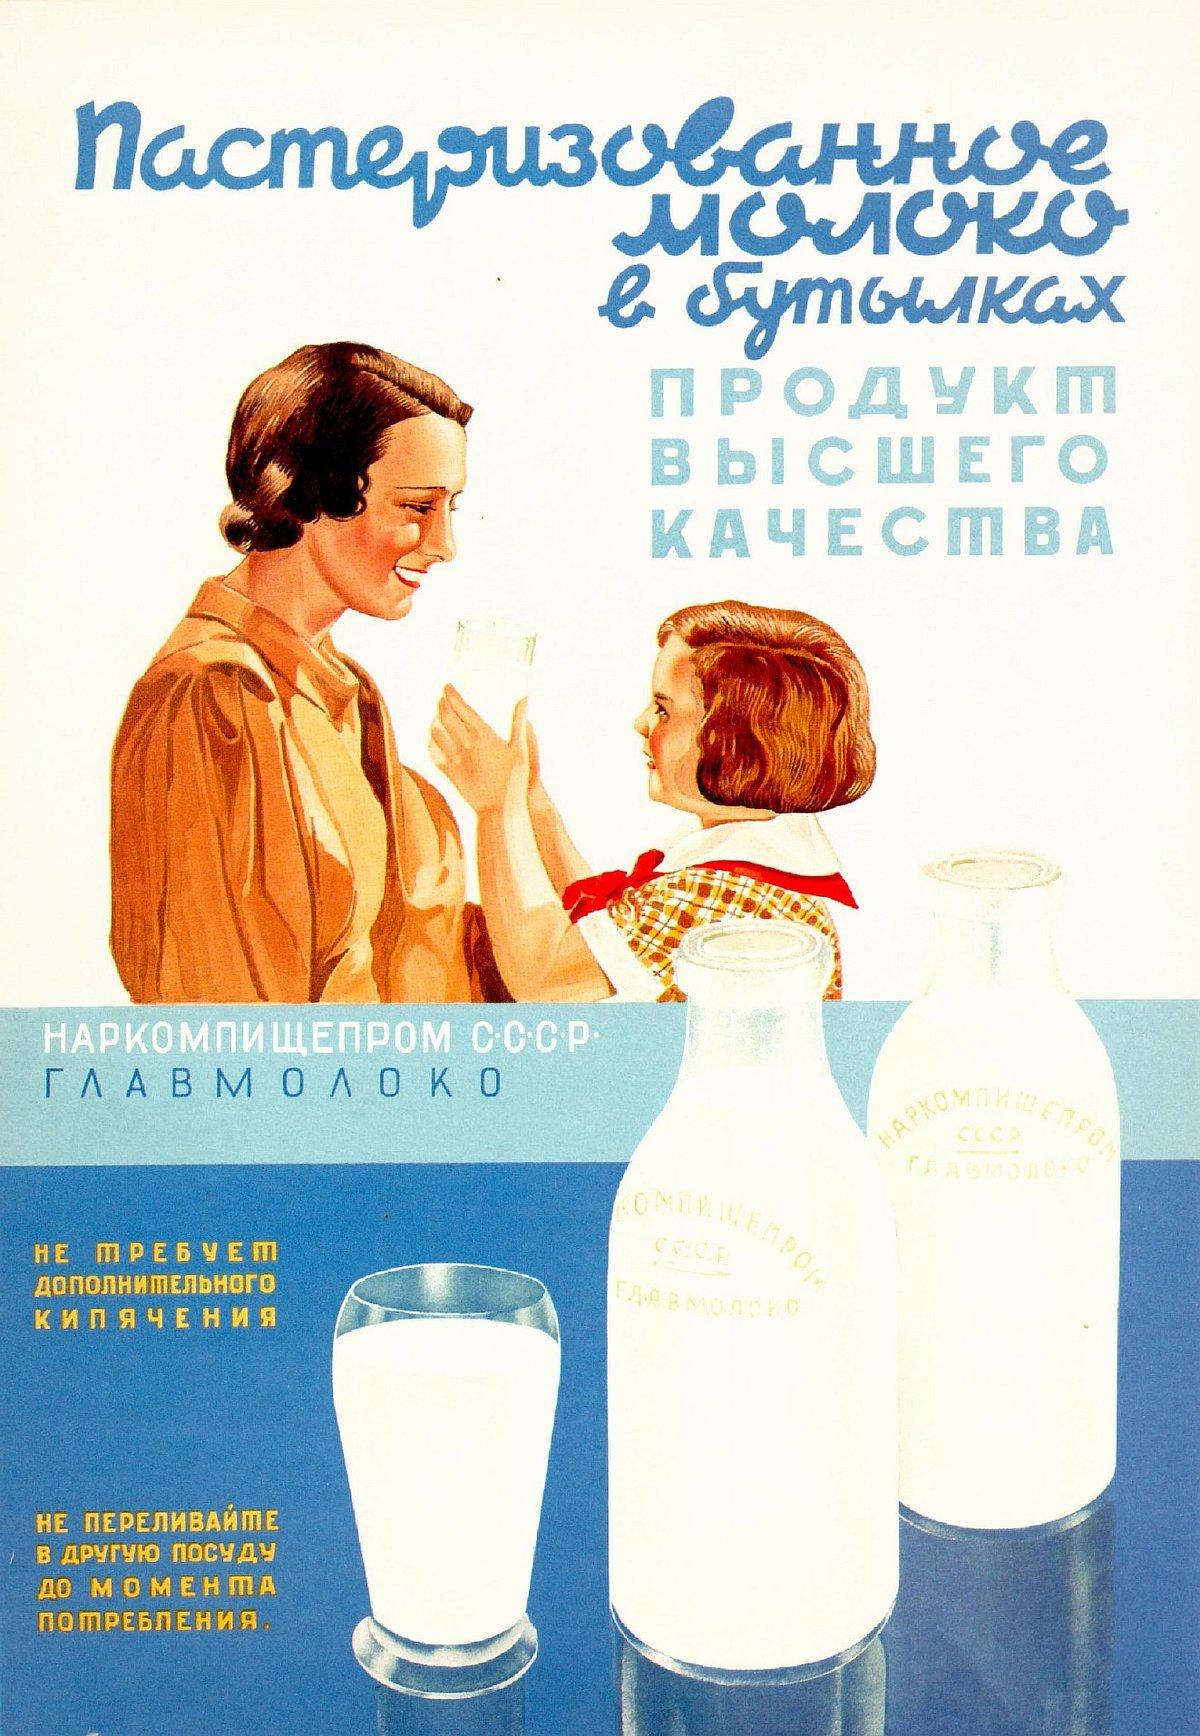 Сборник плакатов советская реклама